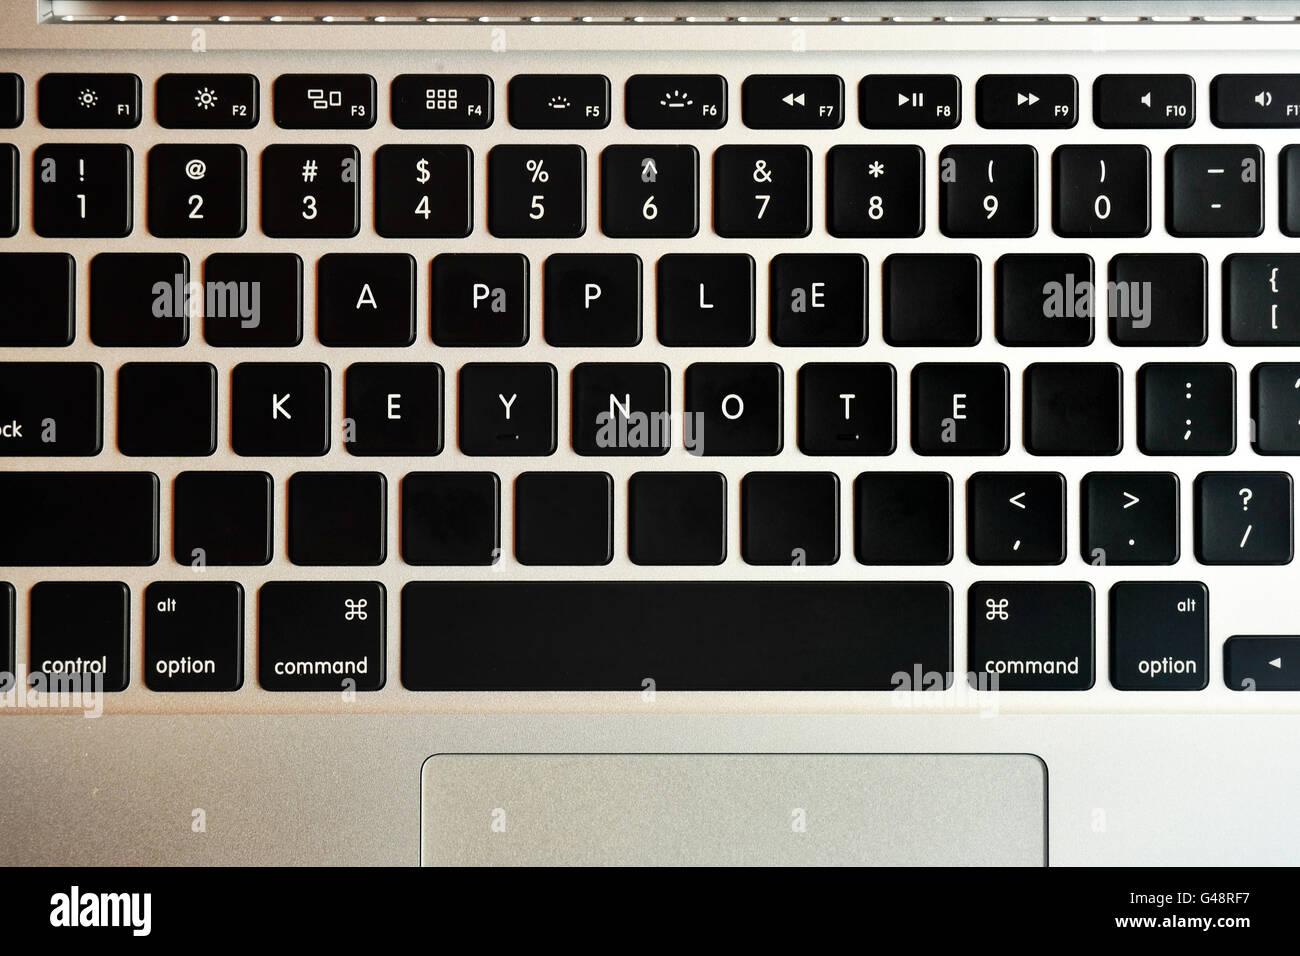 Apple Keynote written on a MacBook Pro keyboard. - Stock Image